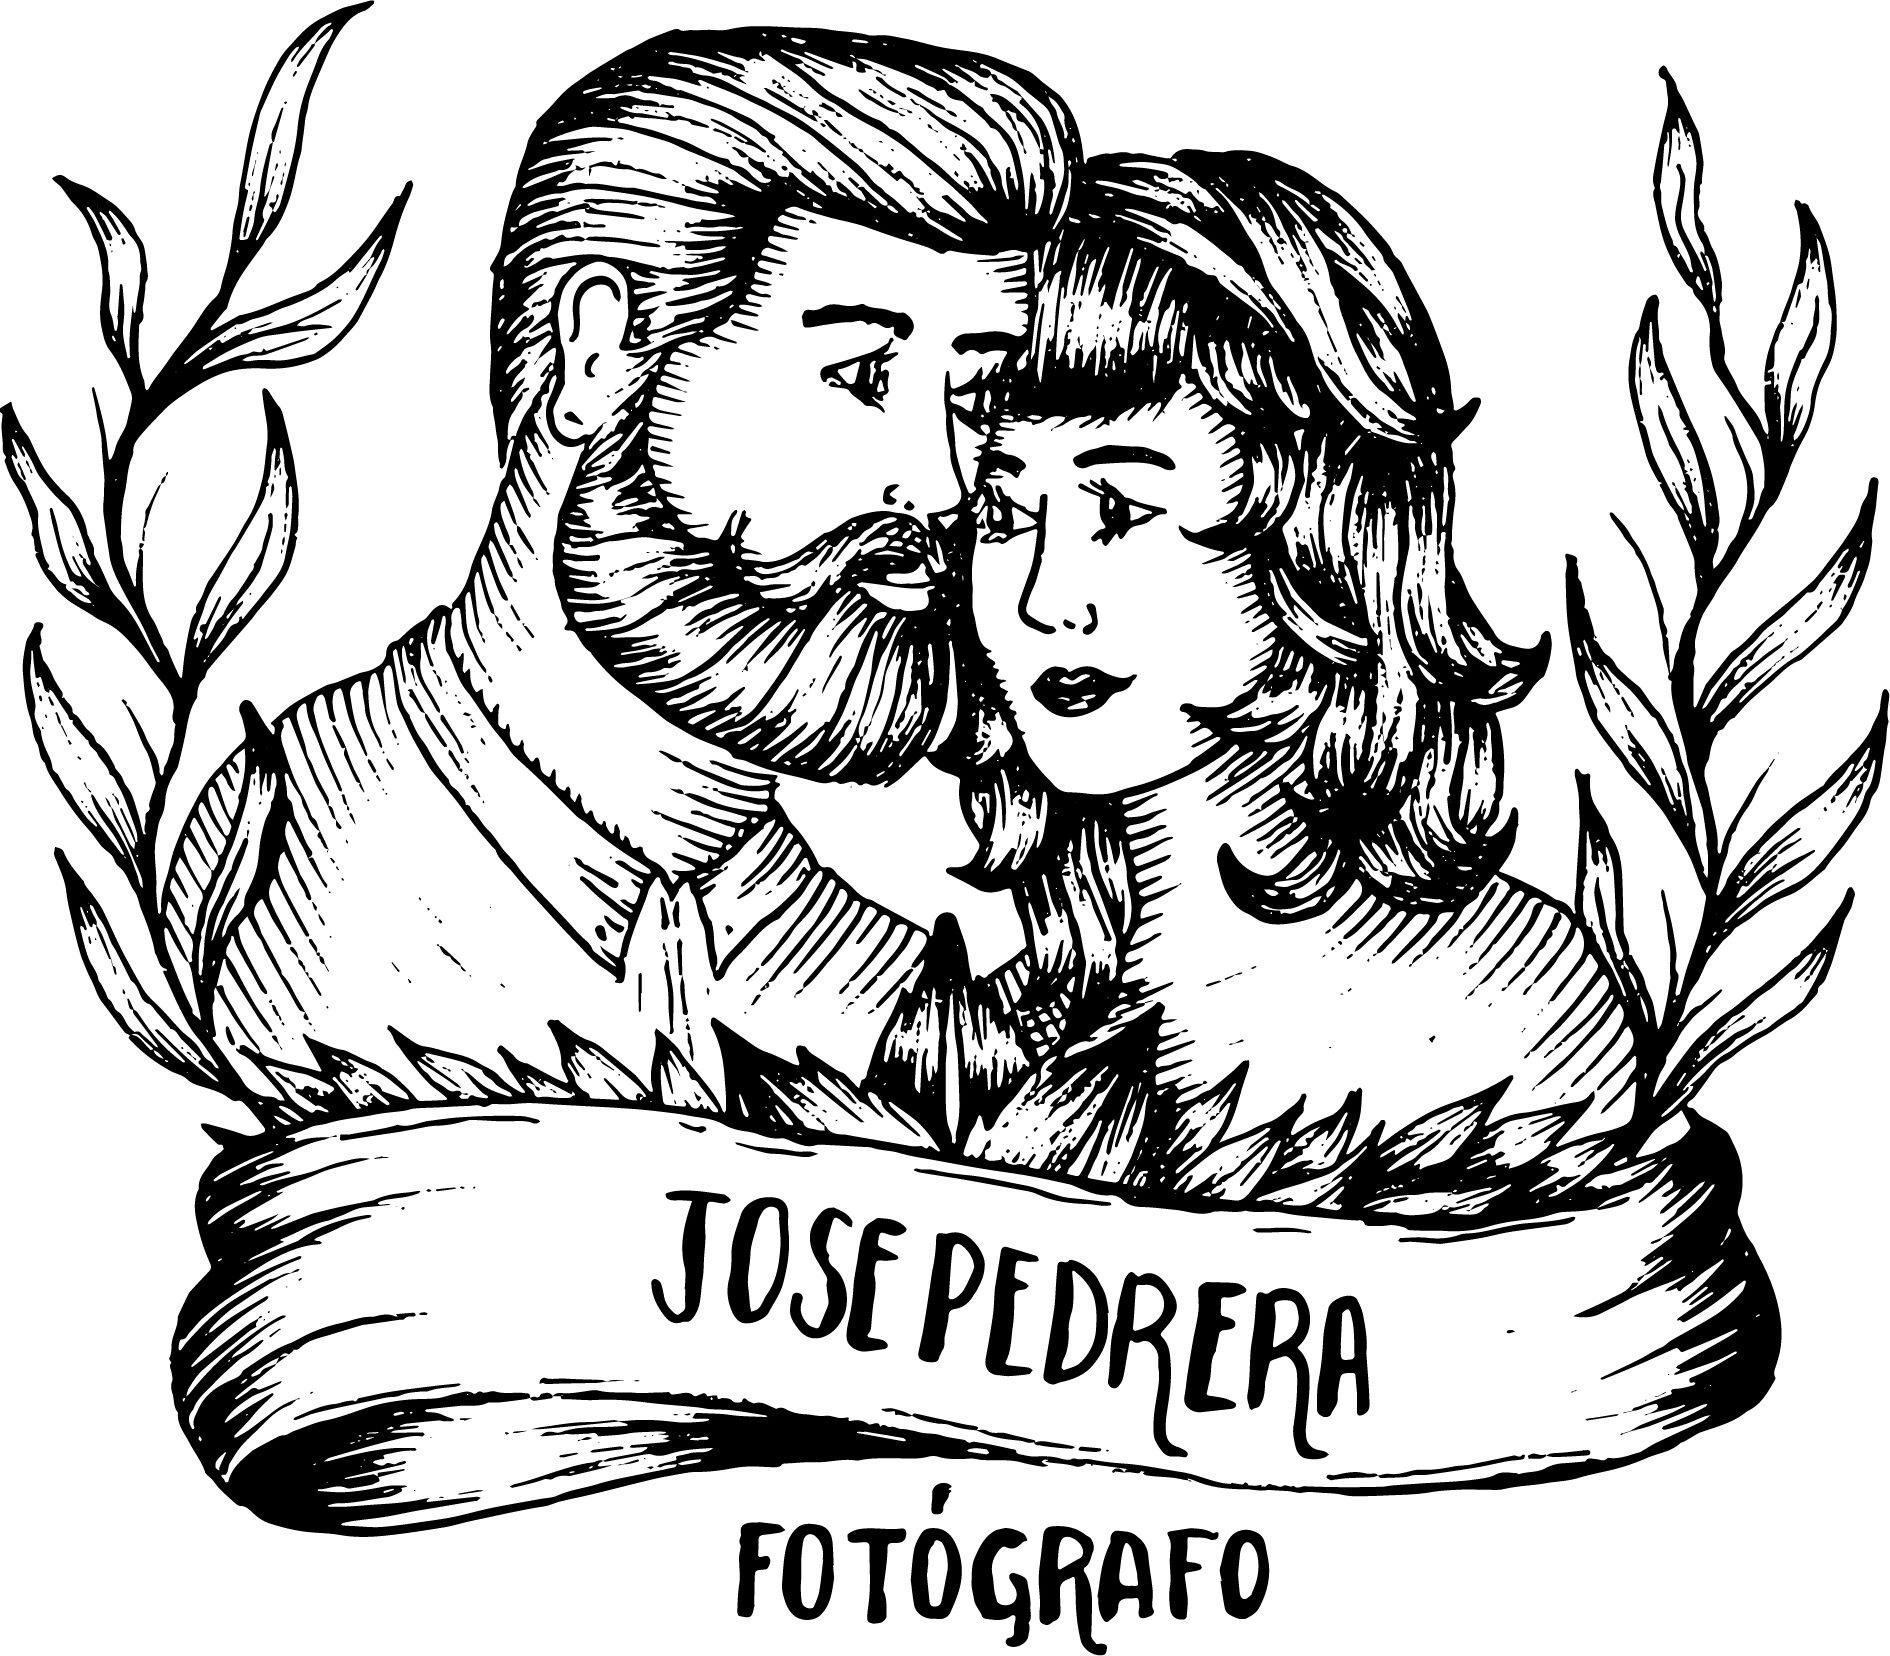 José Pedrera